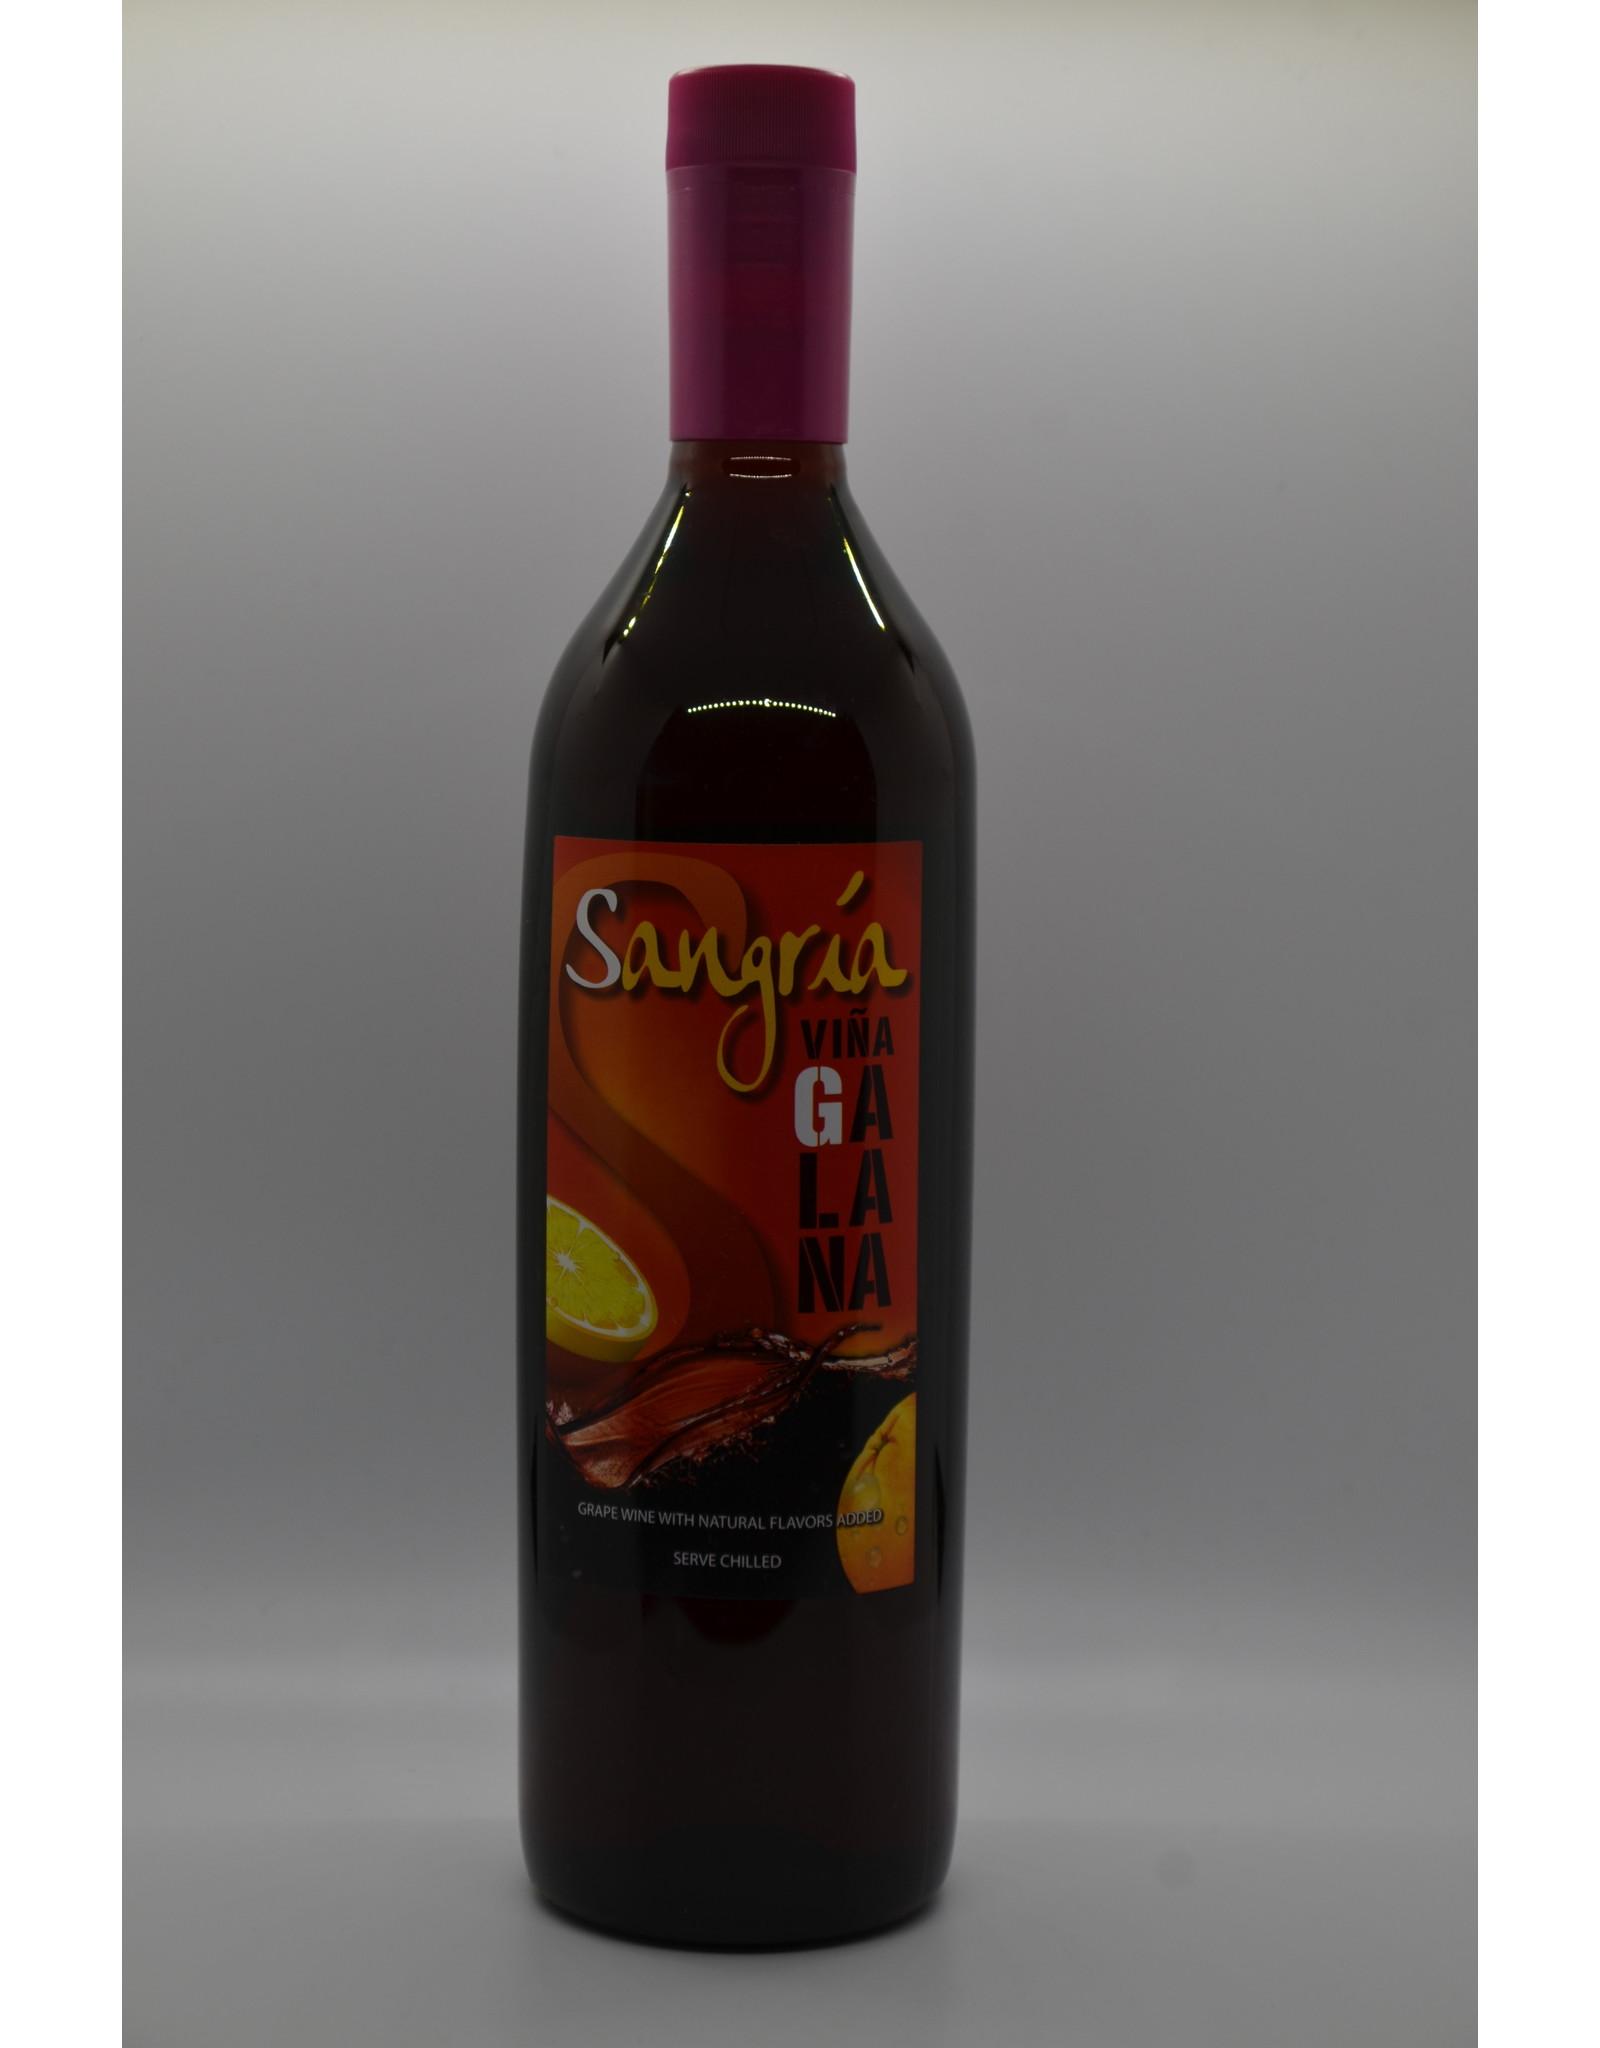 Spain Sangria Vina Galana